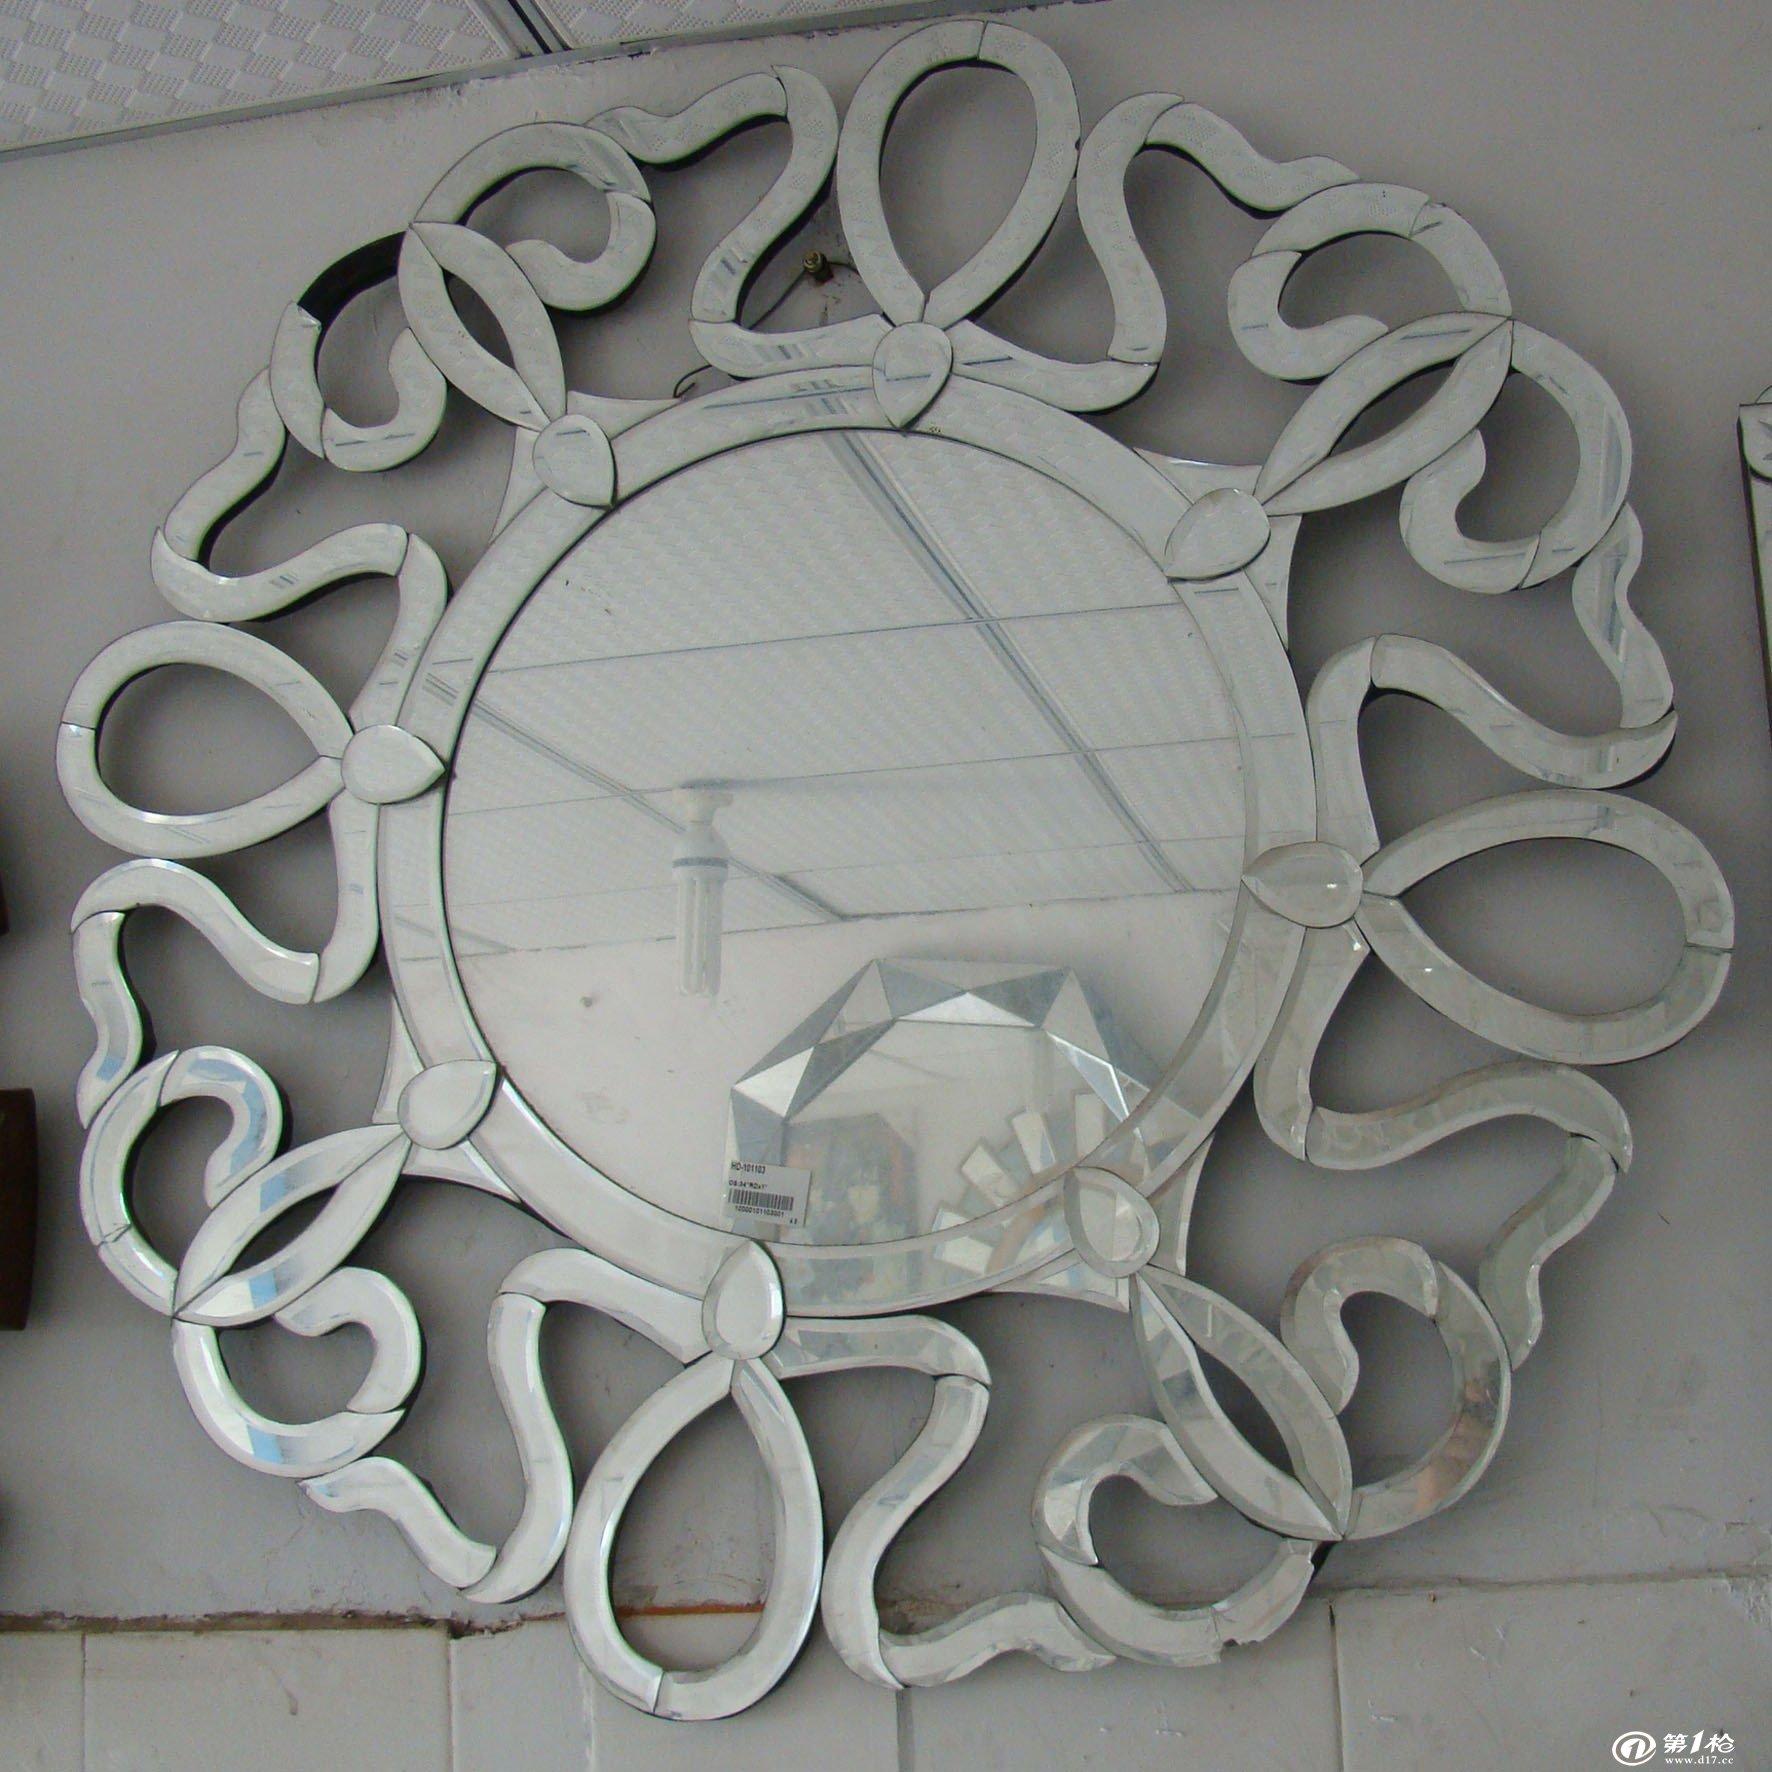 玻璃壁挂 玻璃工艺品 异型镜子壁挂 欧式壁挂 glass wall art